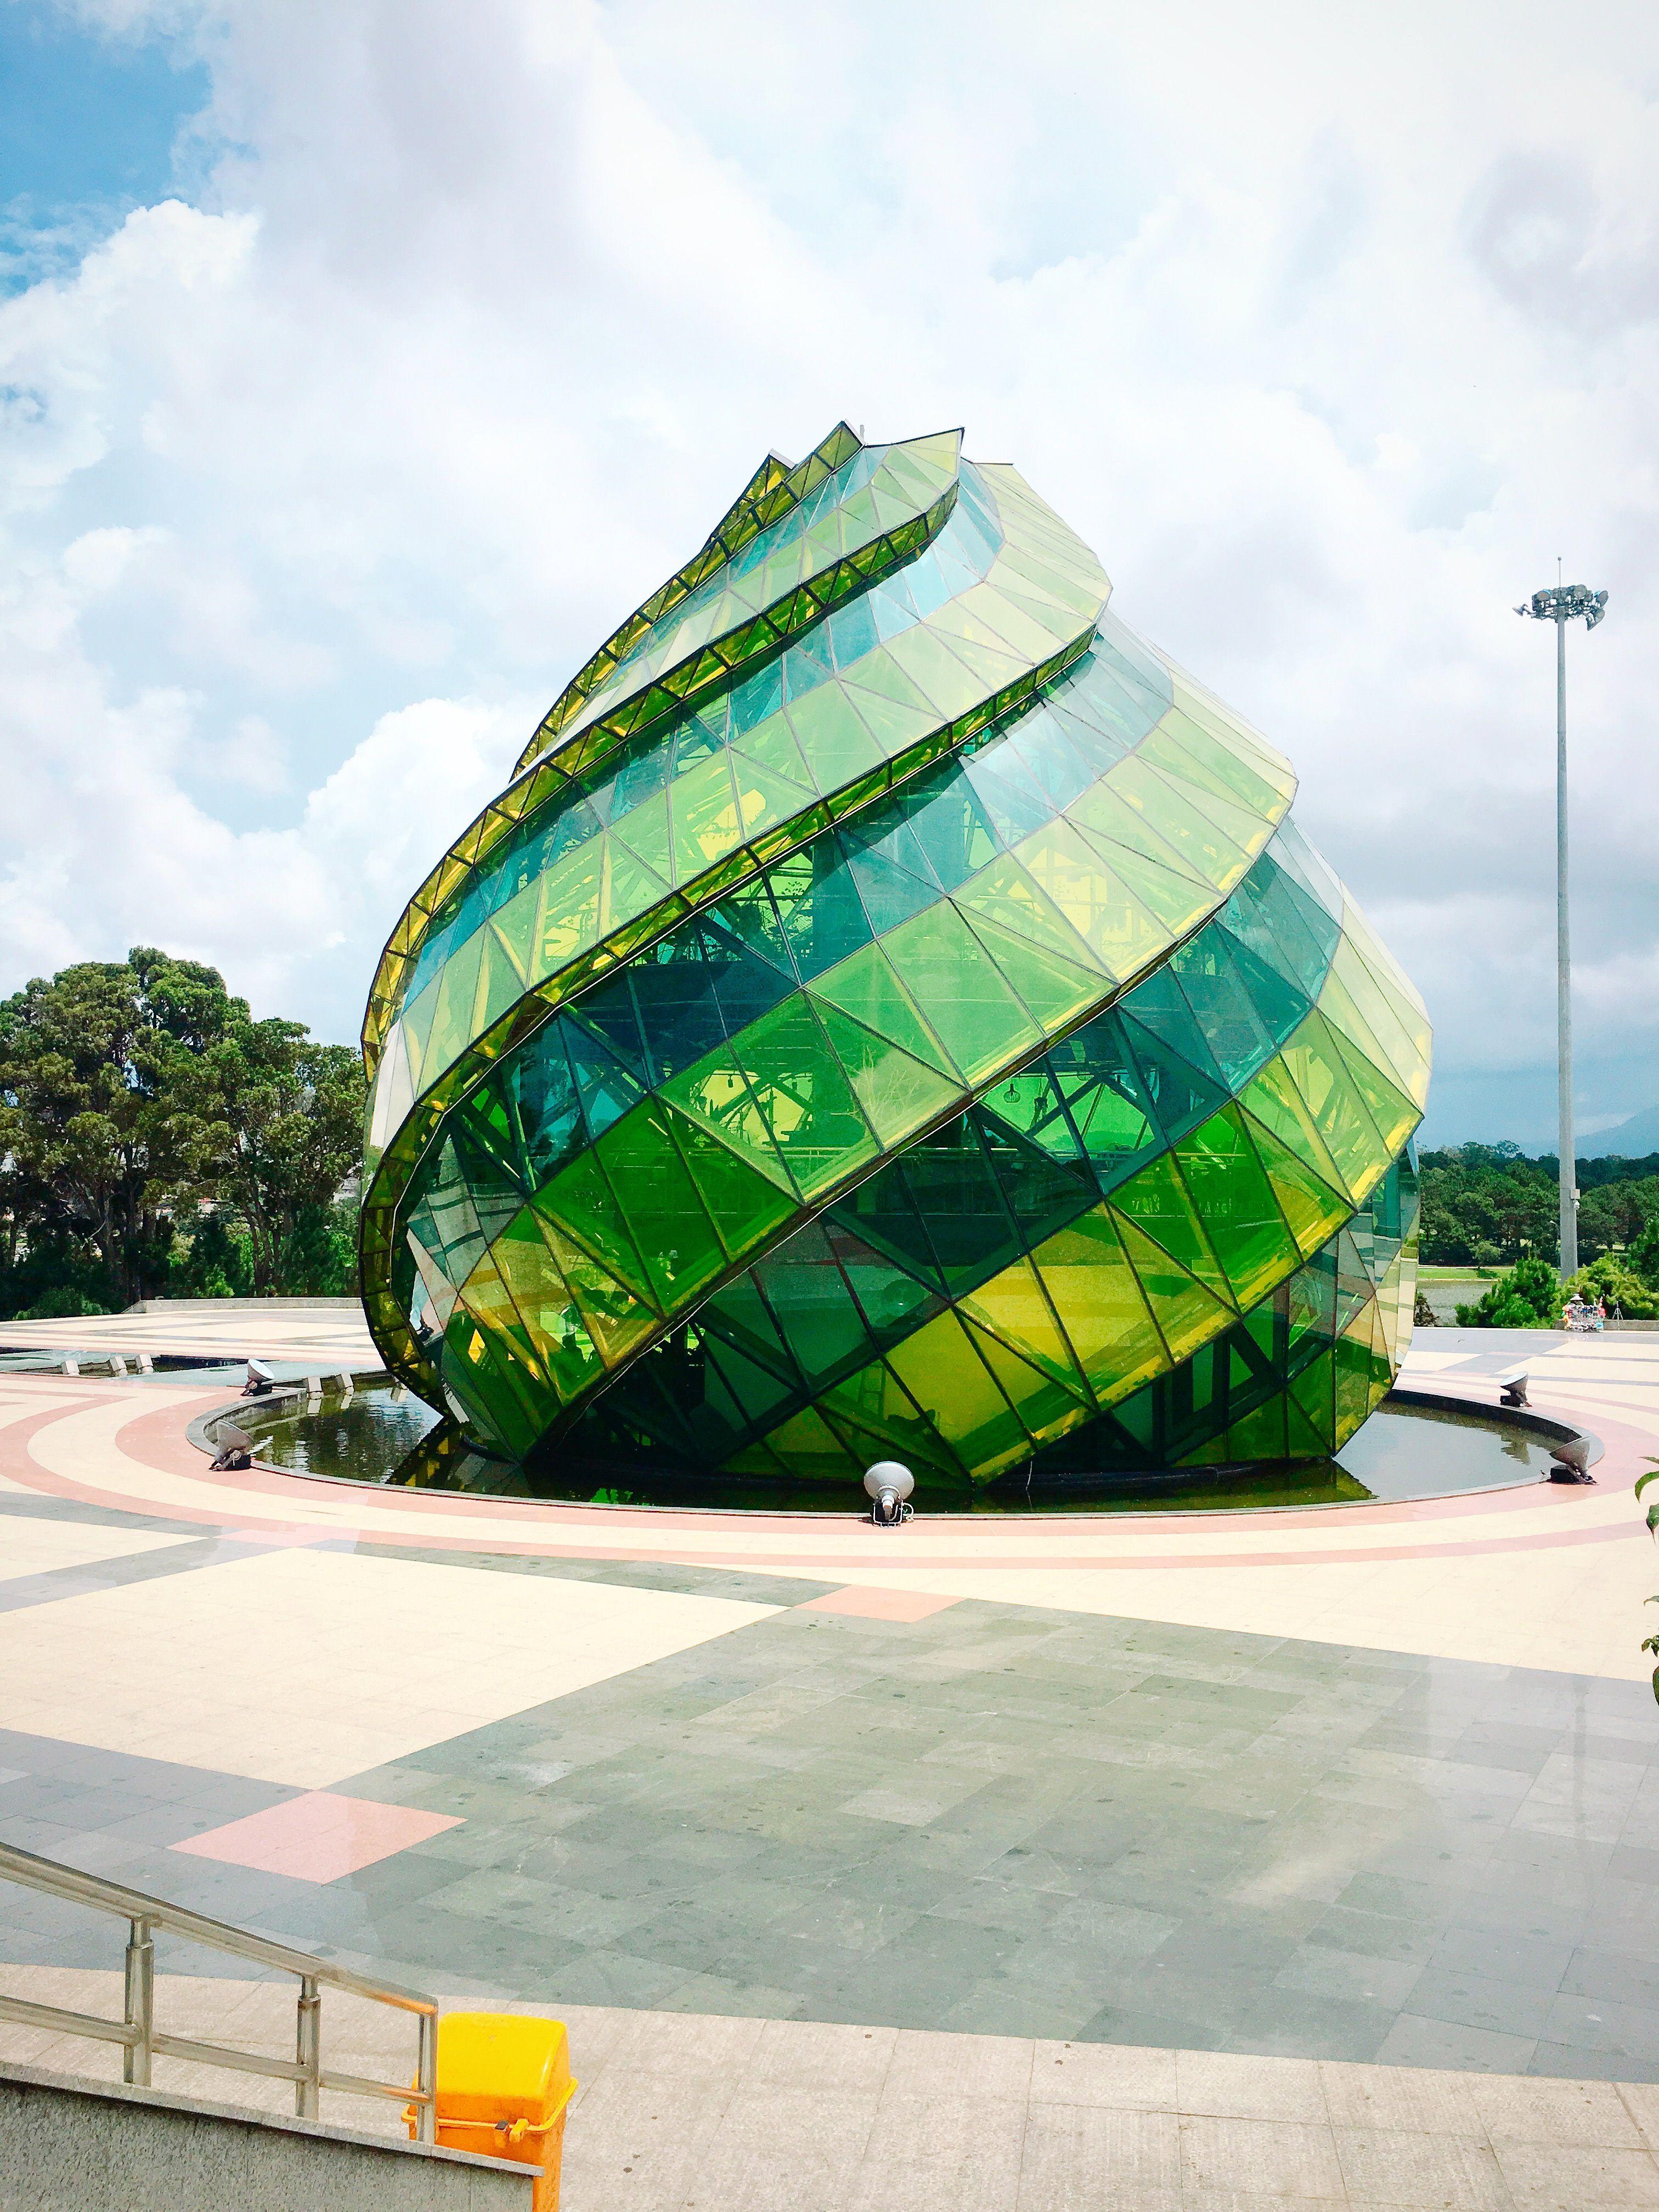 Quảng trường Lâm Viên. | Ảnh tường cho điện thoại, Hình ảnh, Địa điểm